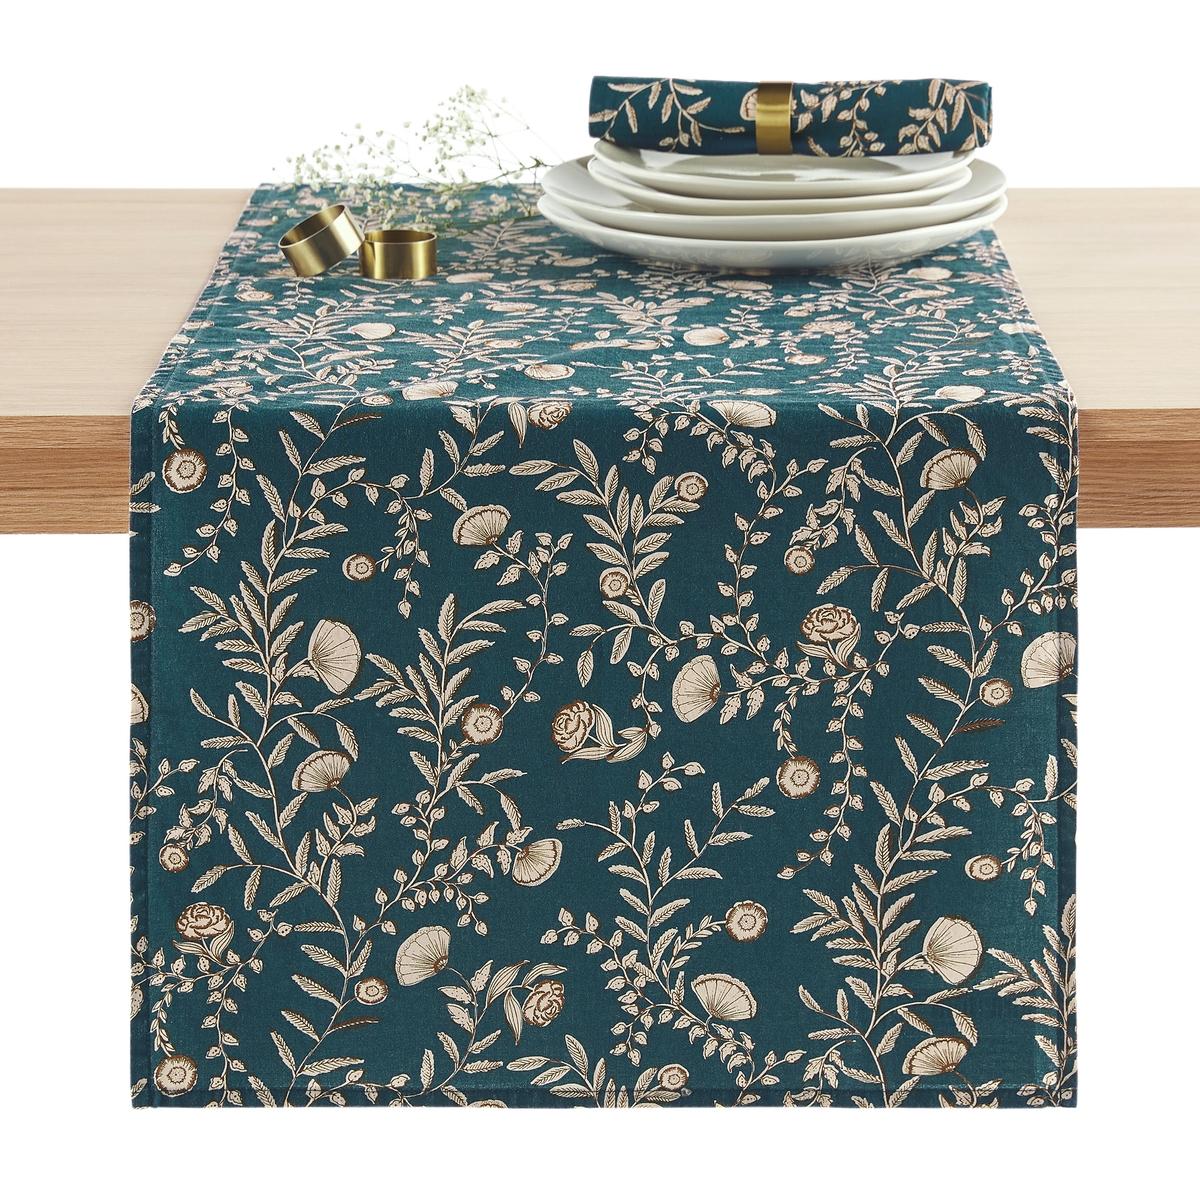 цена на Дорожка La Redoute Столовая из стираного хлопка Vimala 45 x 150 см синий